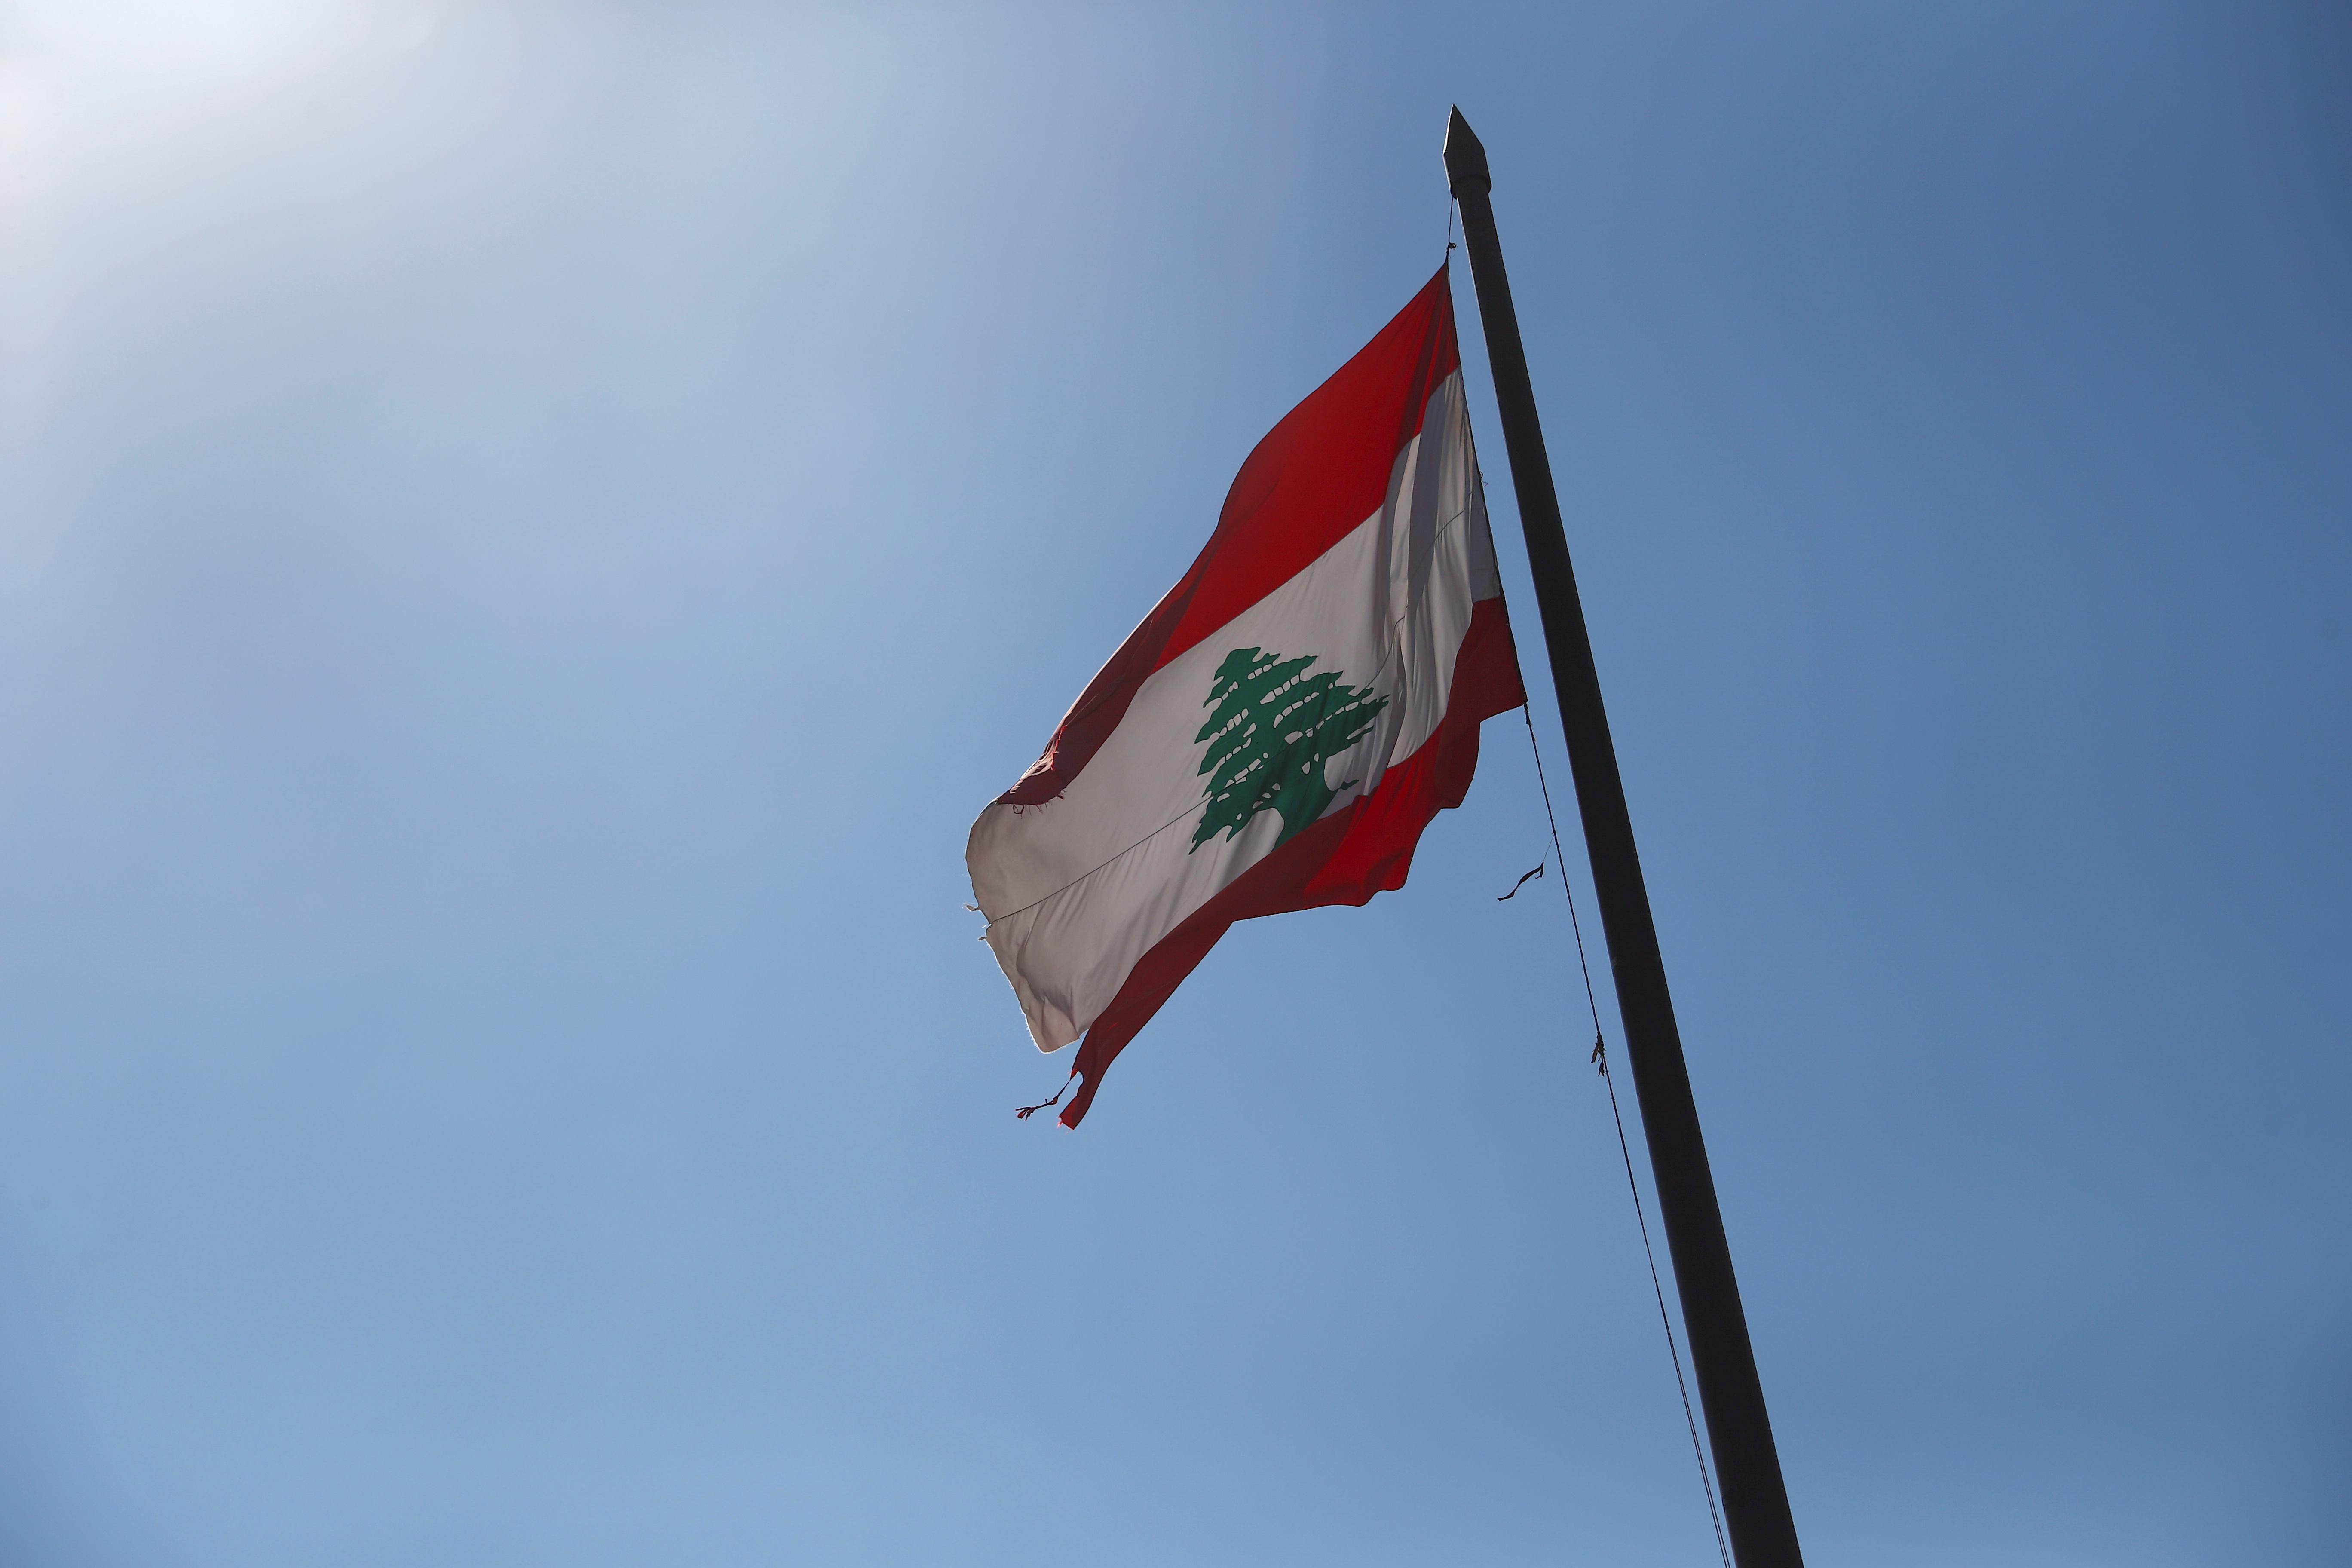 Lebanese national flag flutters in Beirut, Lebanon, August 18, 2020. REUTERS/Hannah McKay